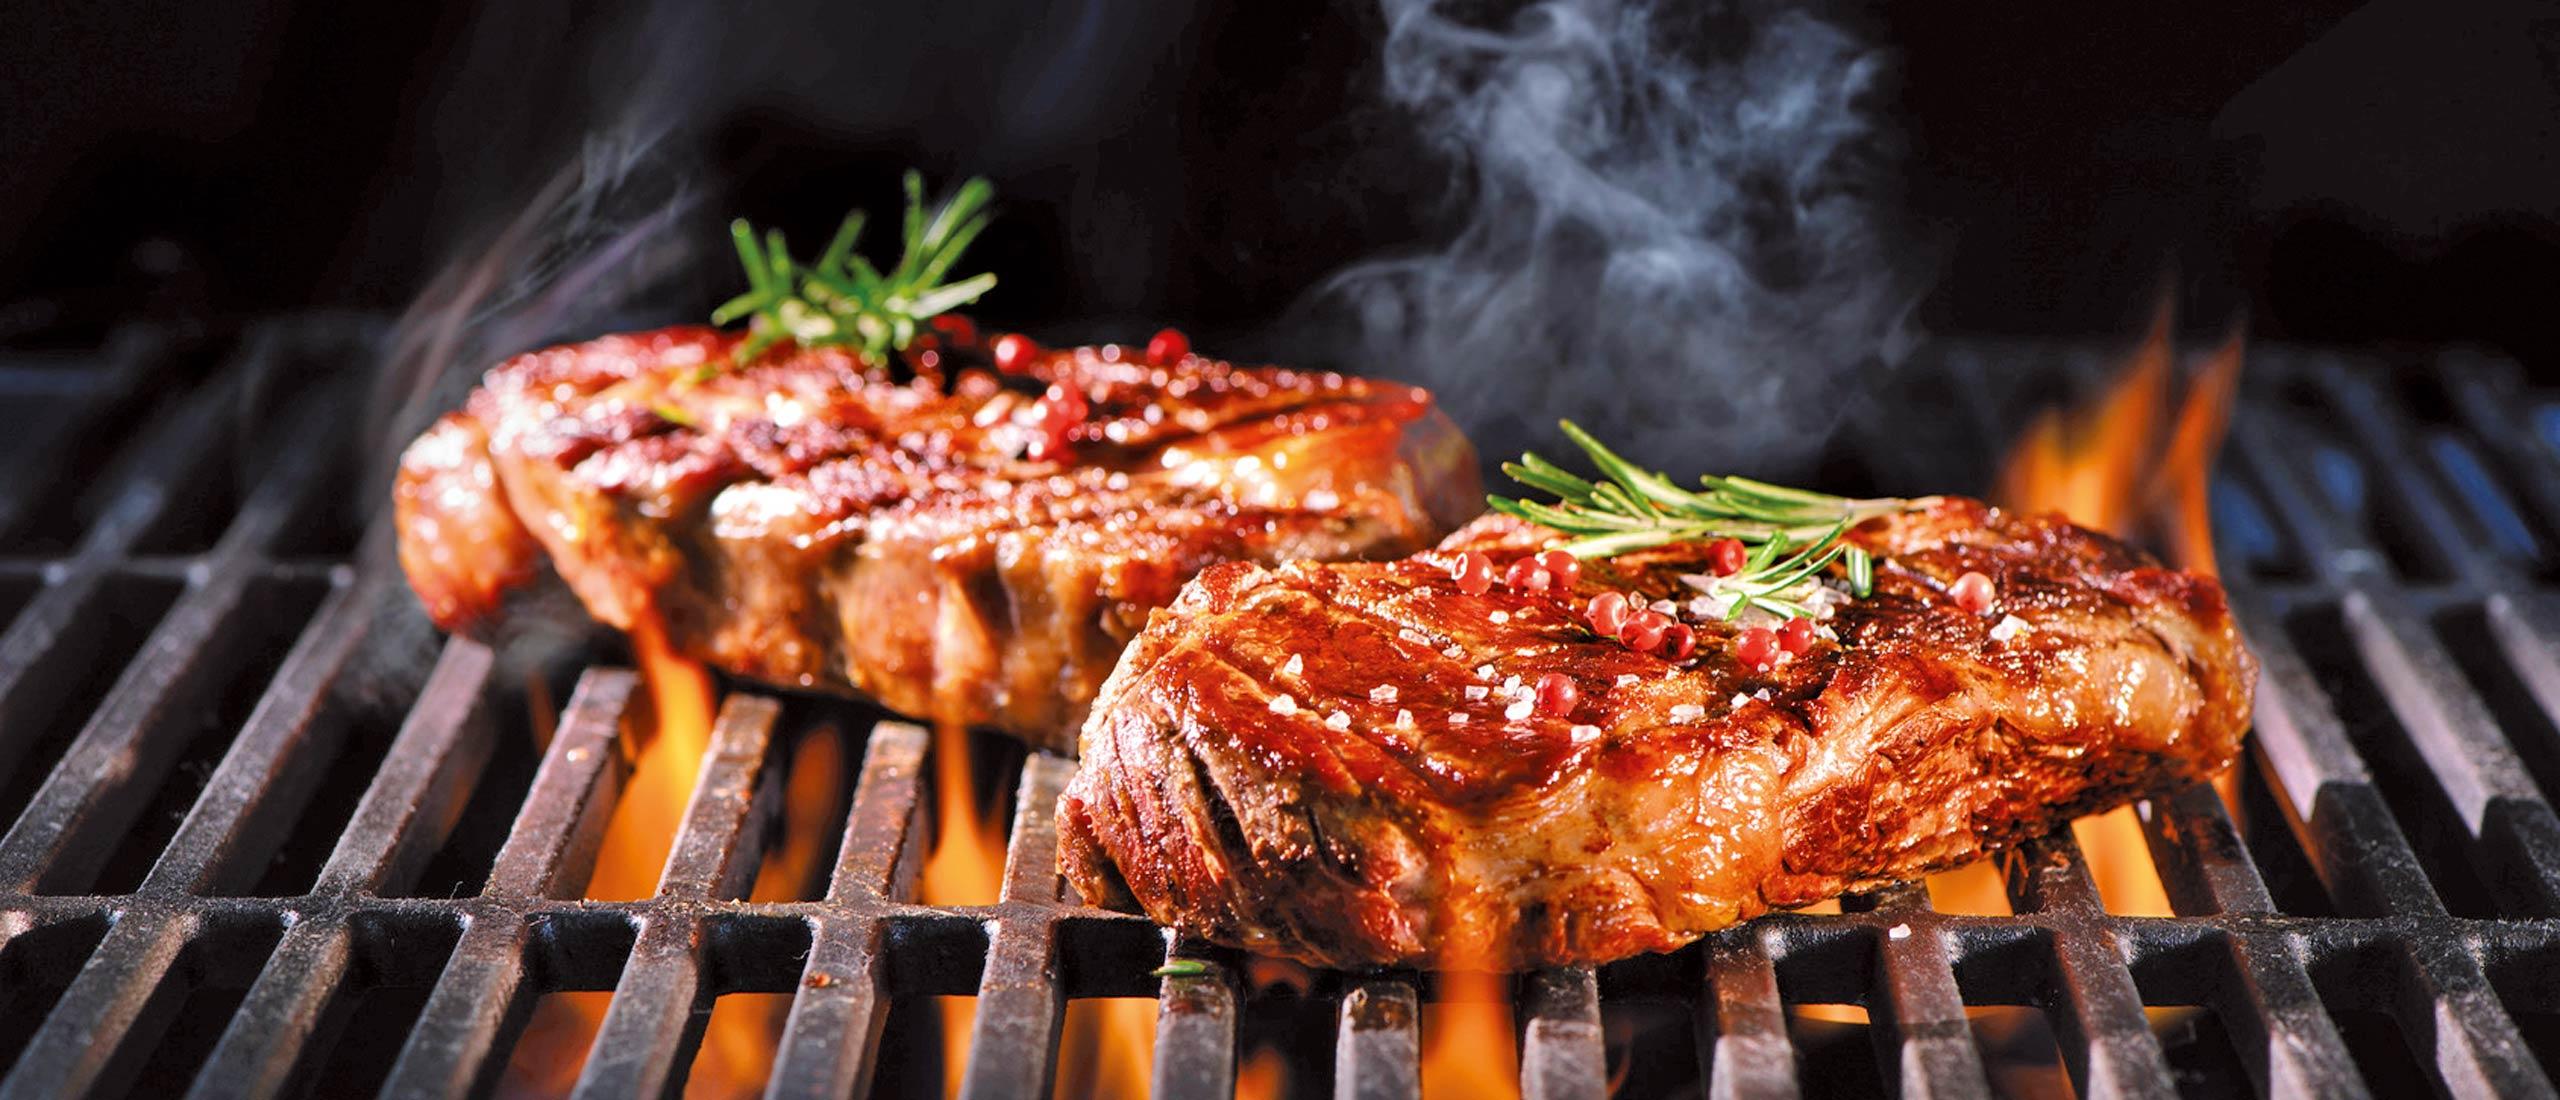 Leckere Steaks vom Grill - Fleischerei Nolzen